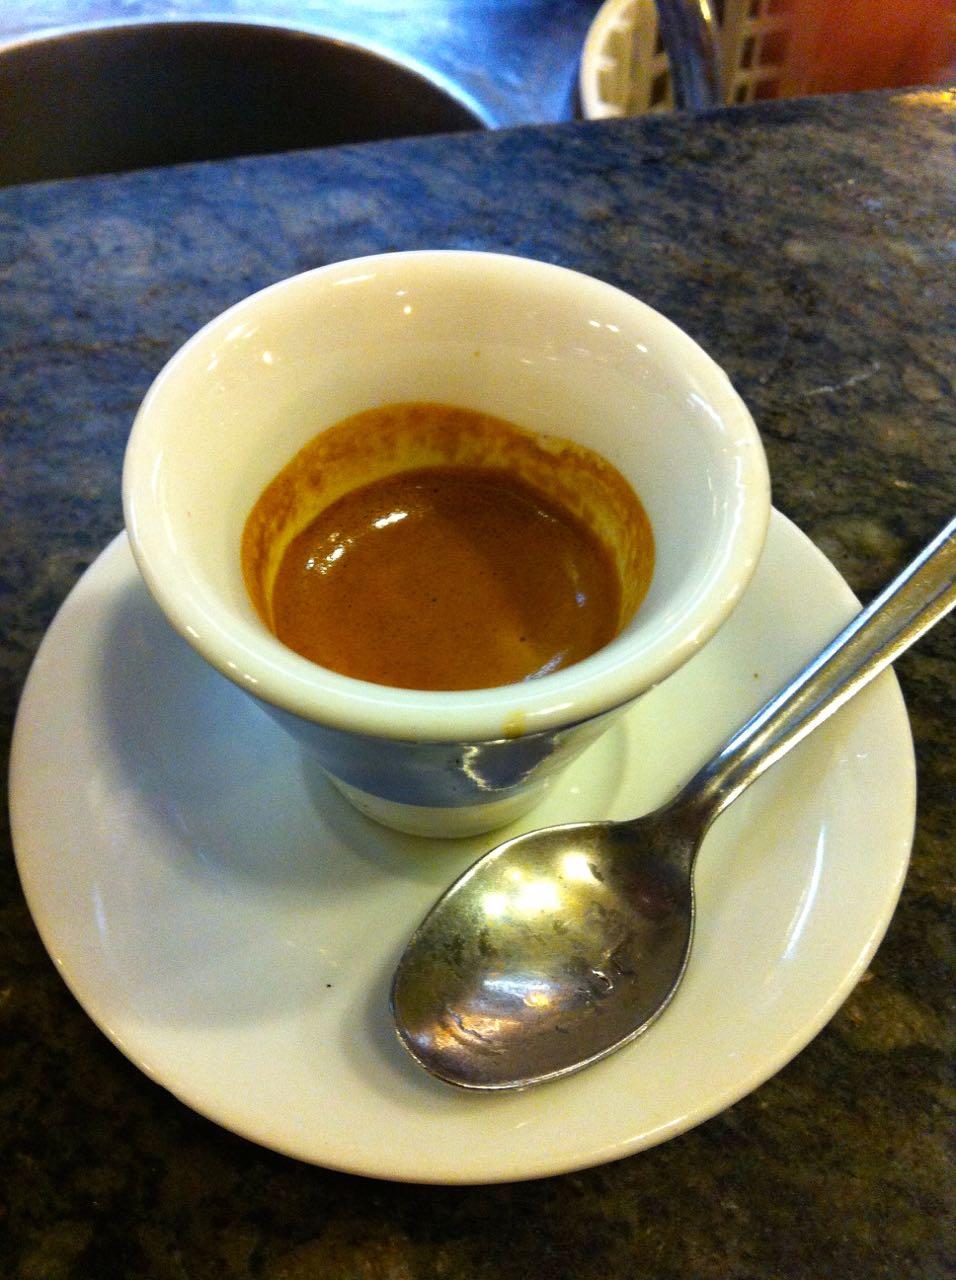 espresso at cafe tazza d'oro